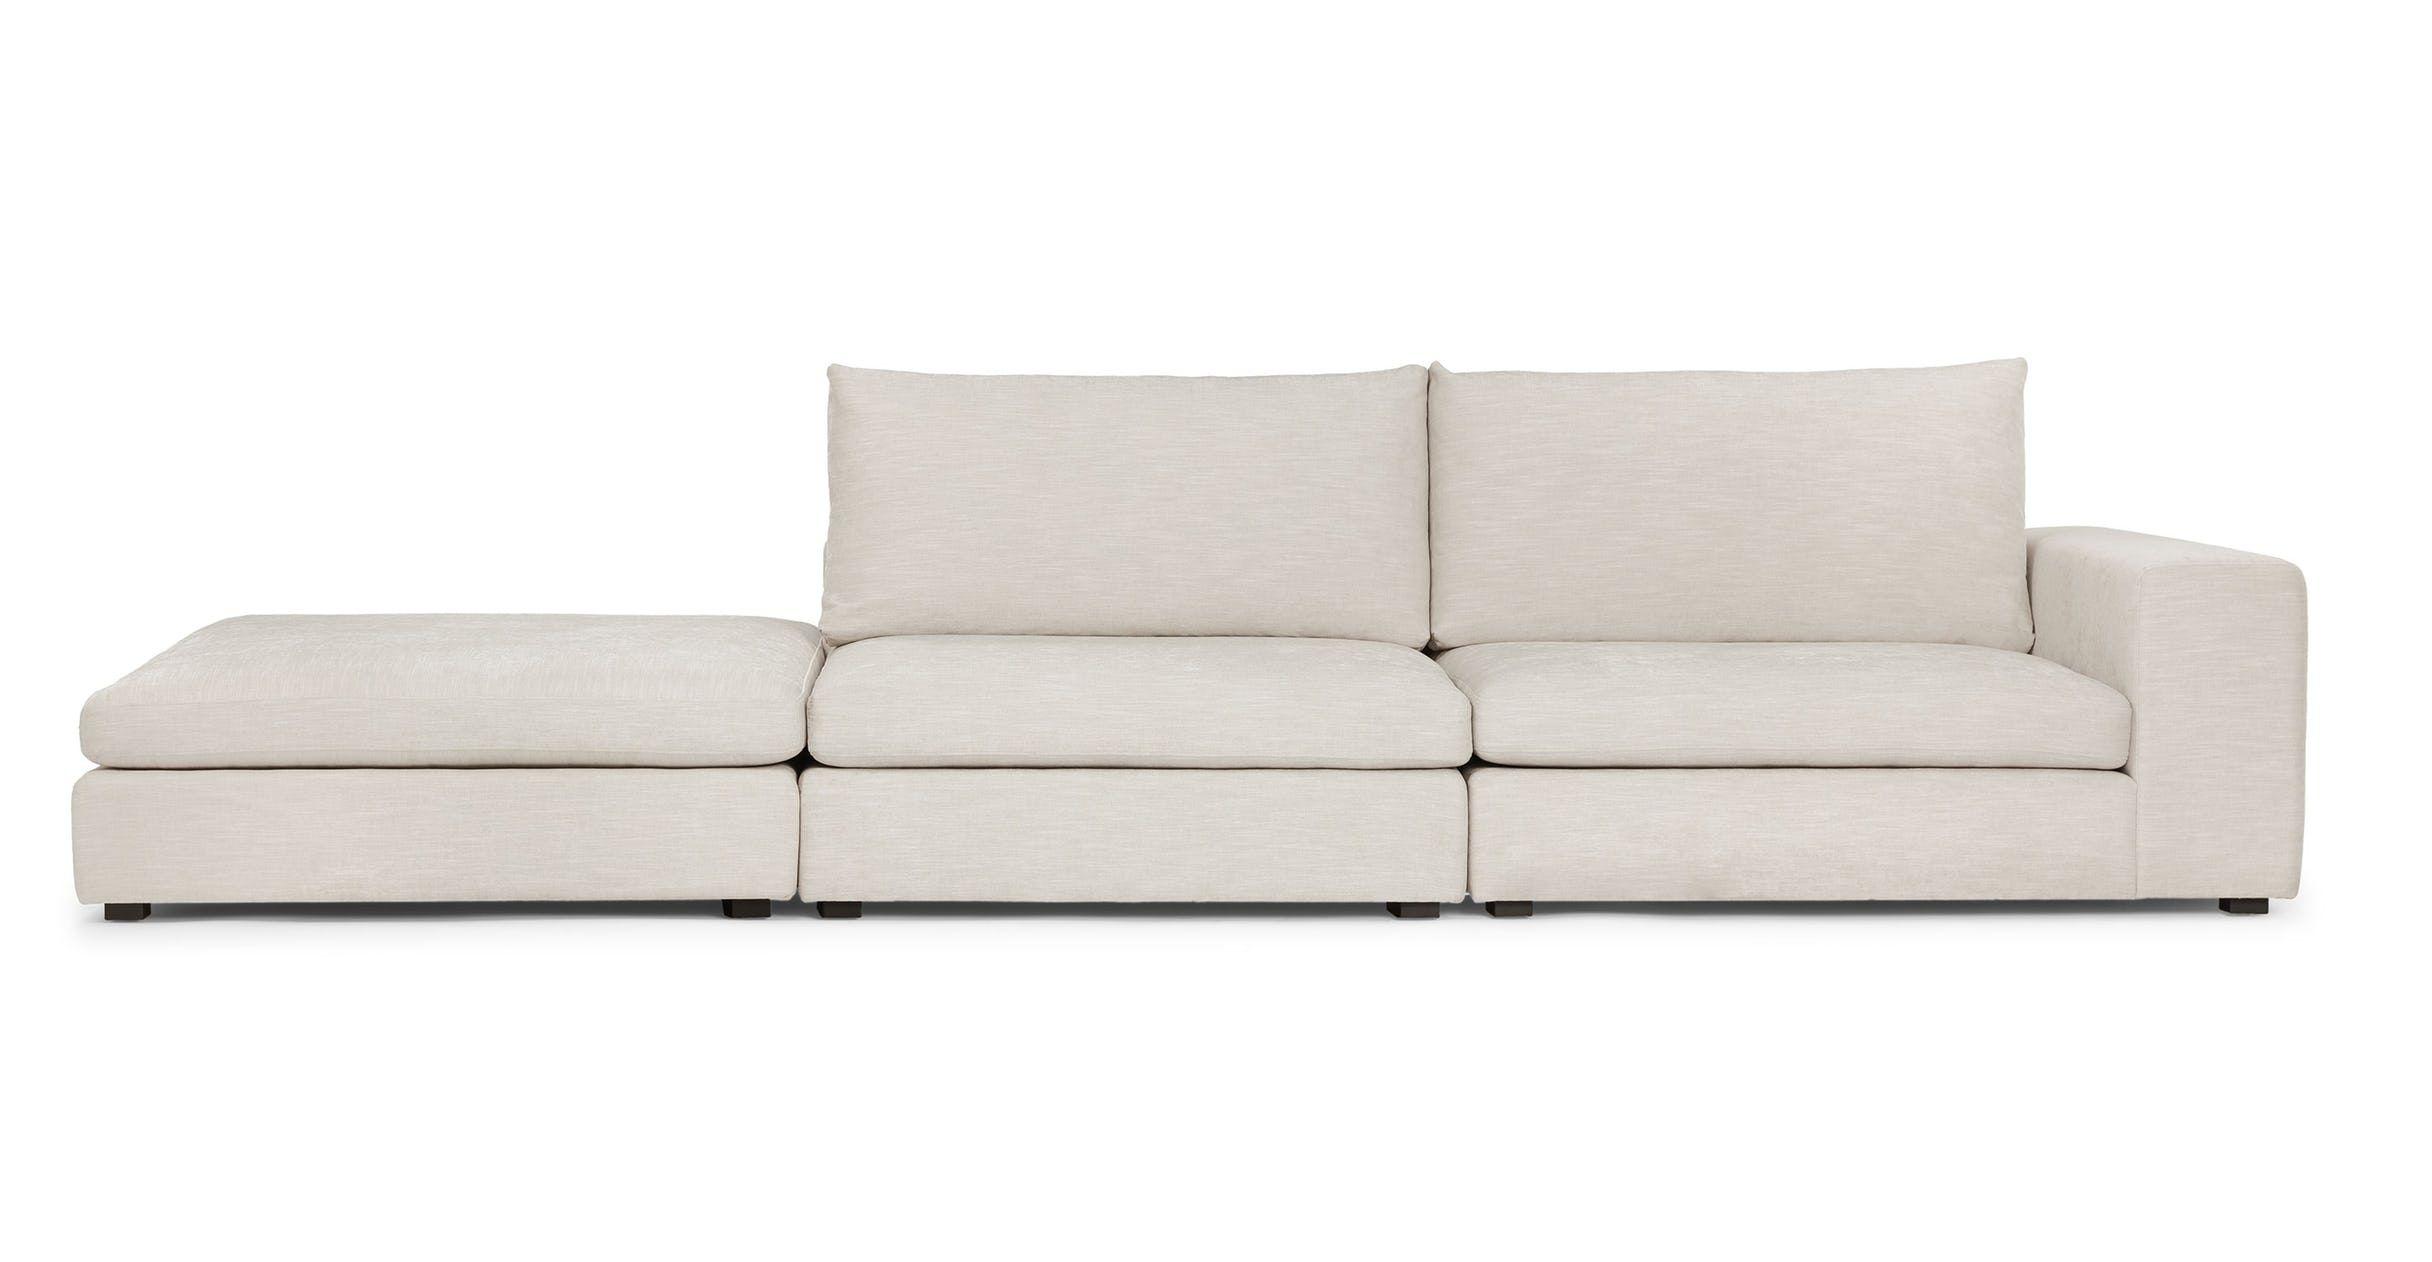 Gaba Pearl White Right Arm Modular Sofa Modular Sofa Modern